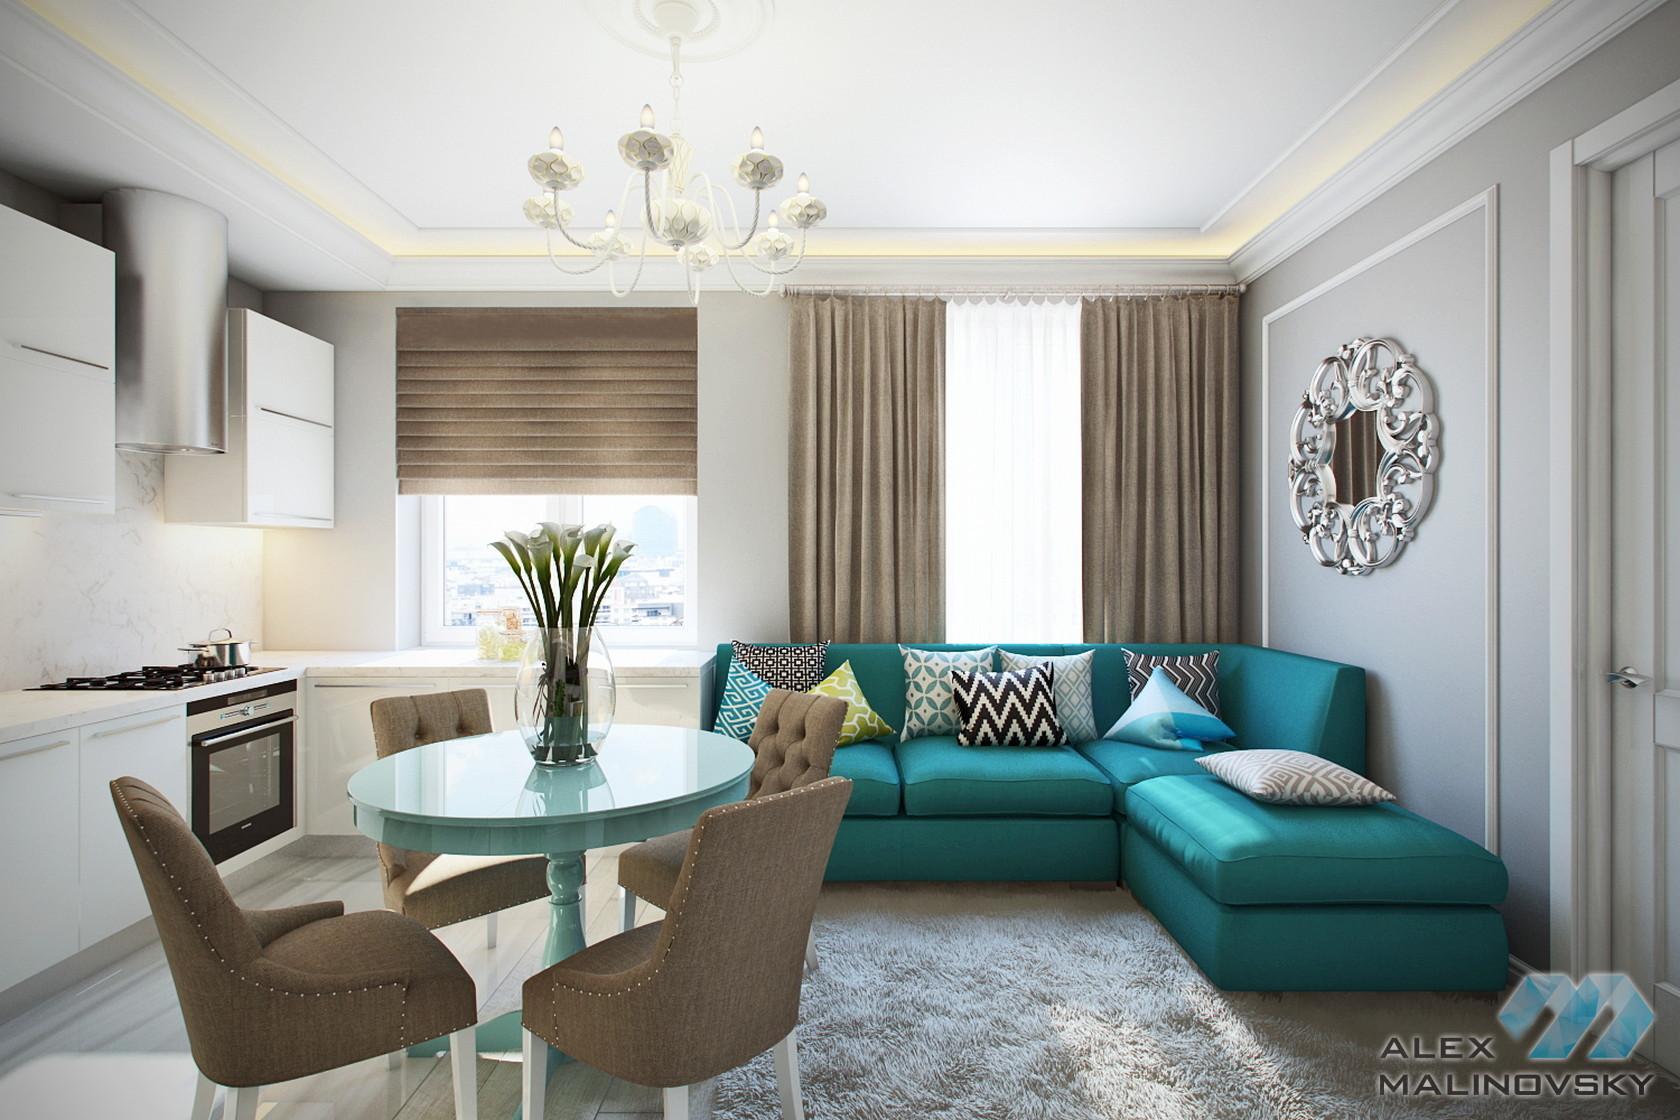 Кухня-гостиная, 3 комнатная квартира в Красногорске